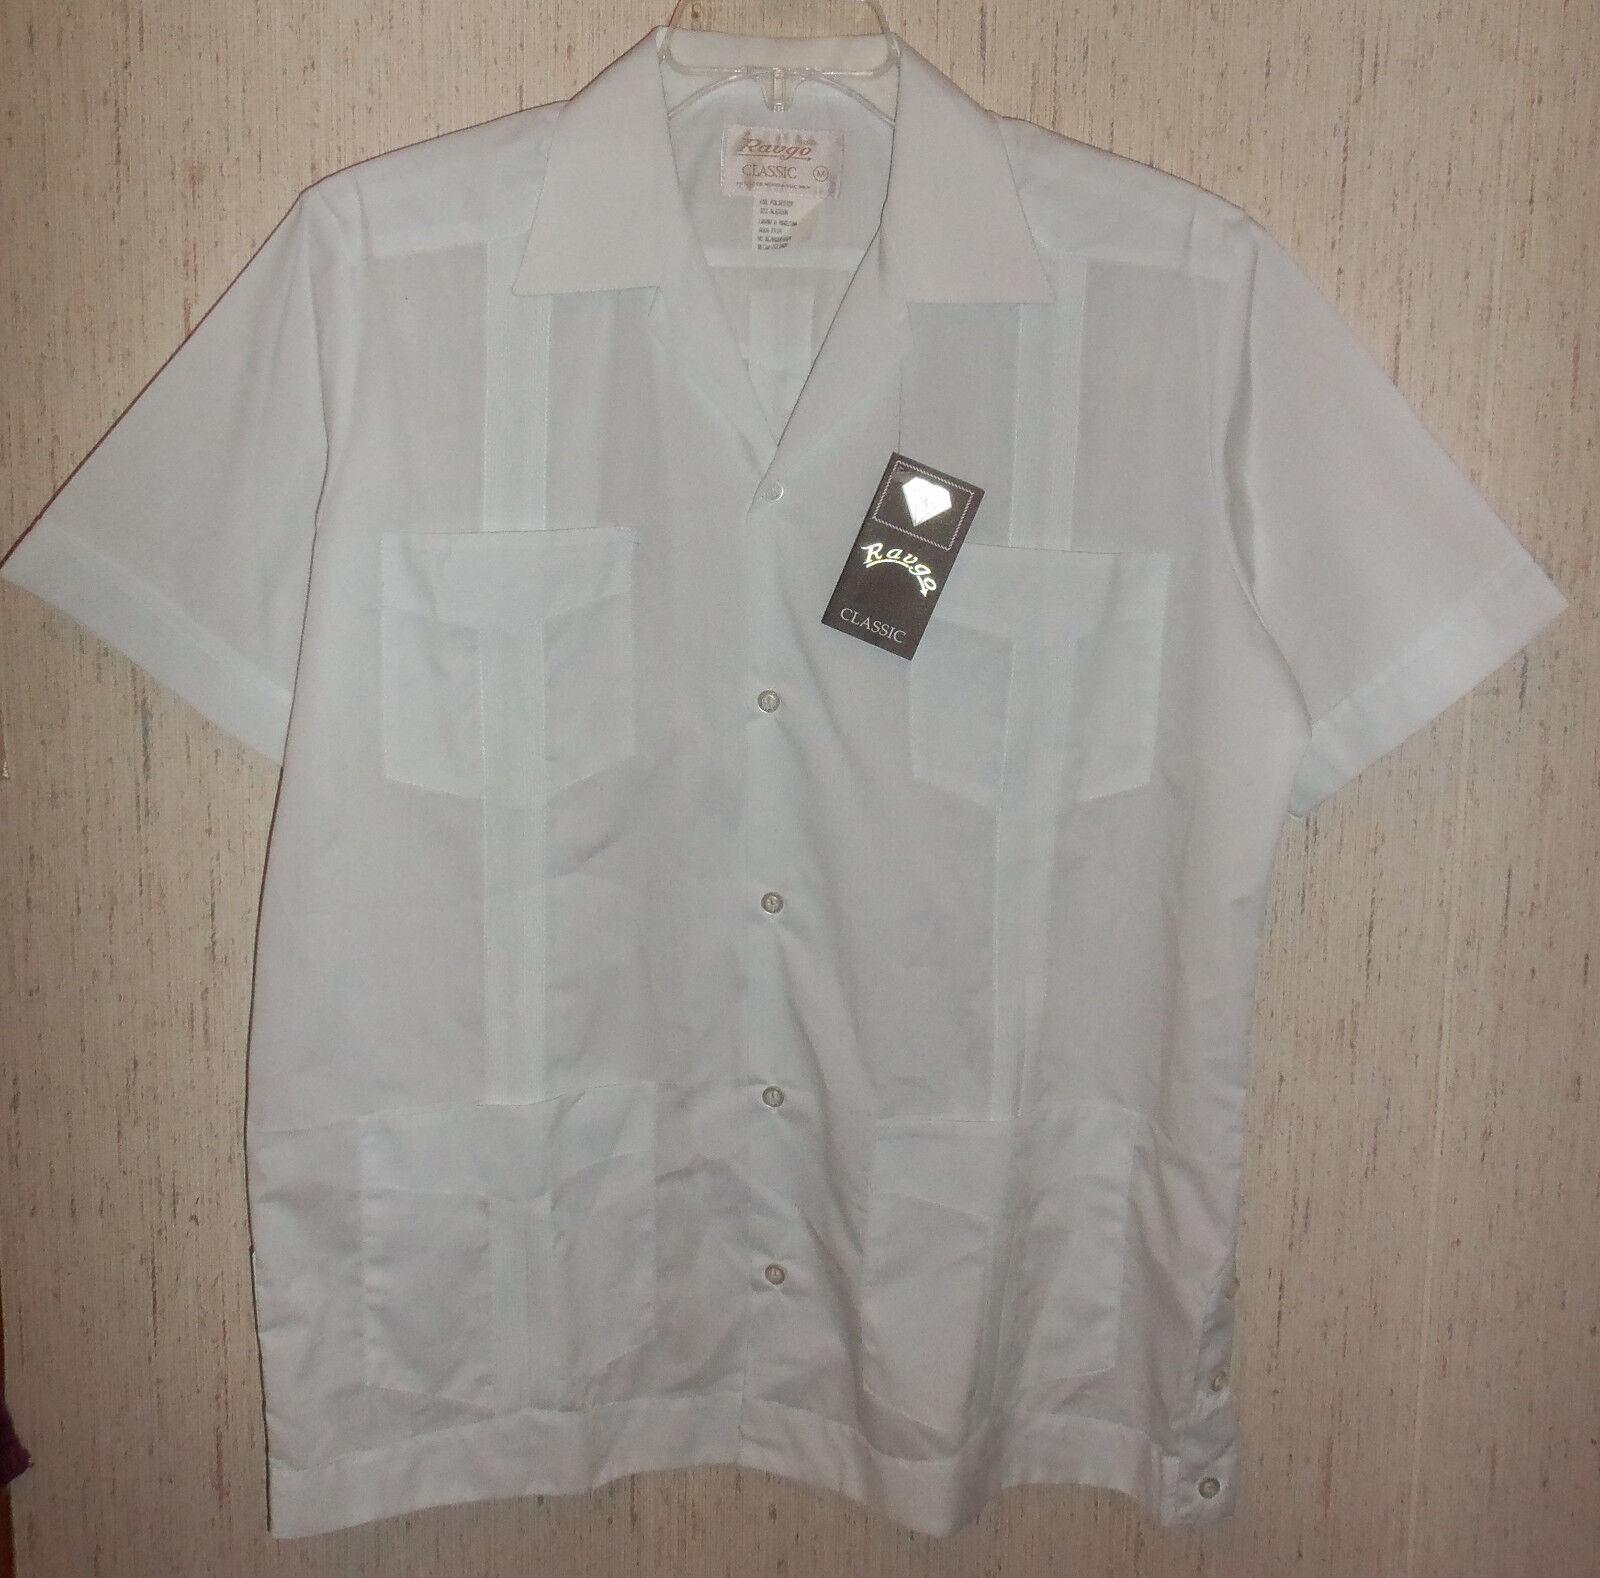 NWT Uomo Ravgo 108 Guayaberas  108 Ravgo CLASSIC bianca  SHIRT SIZE M 72d05d